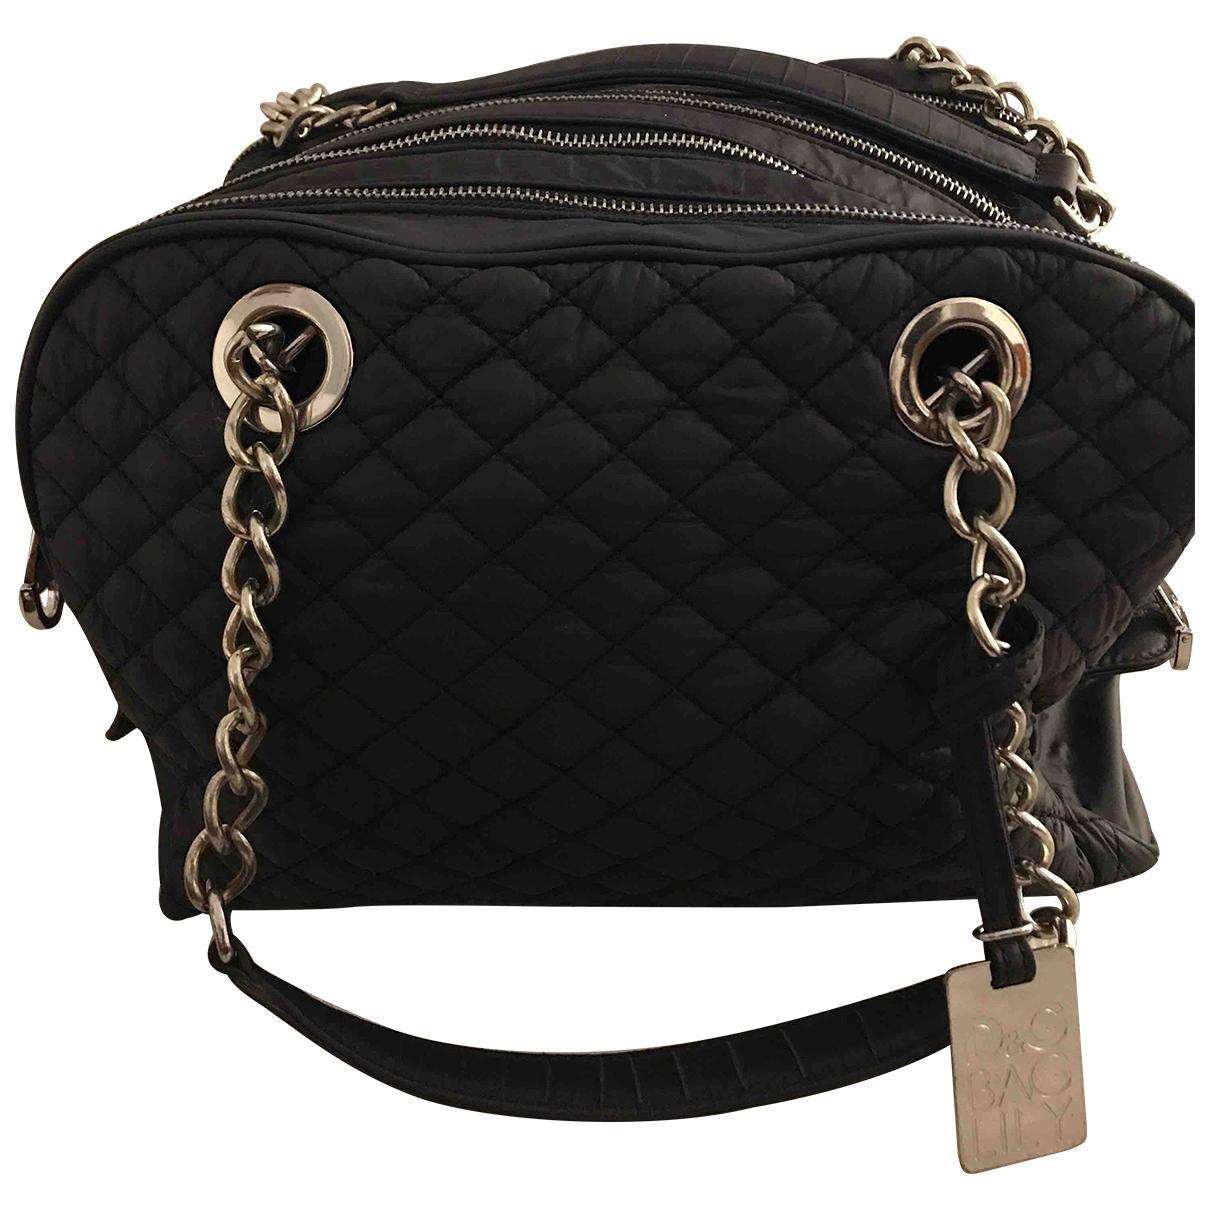 Dolce & Gabbana \N Handtasche in  Schwarz Leinen